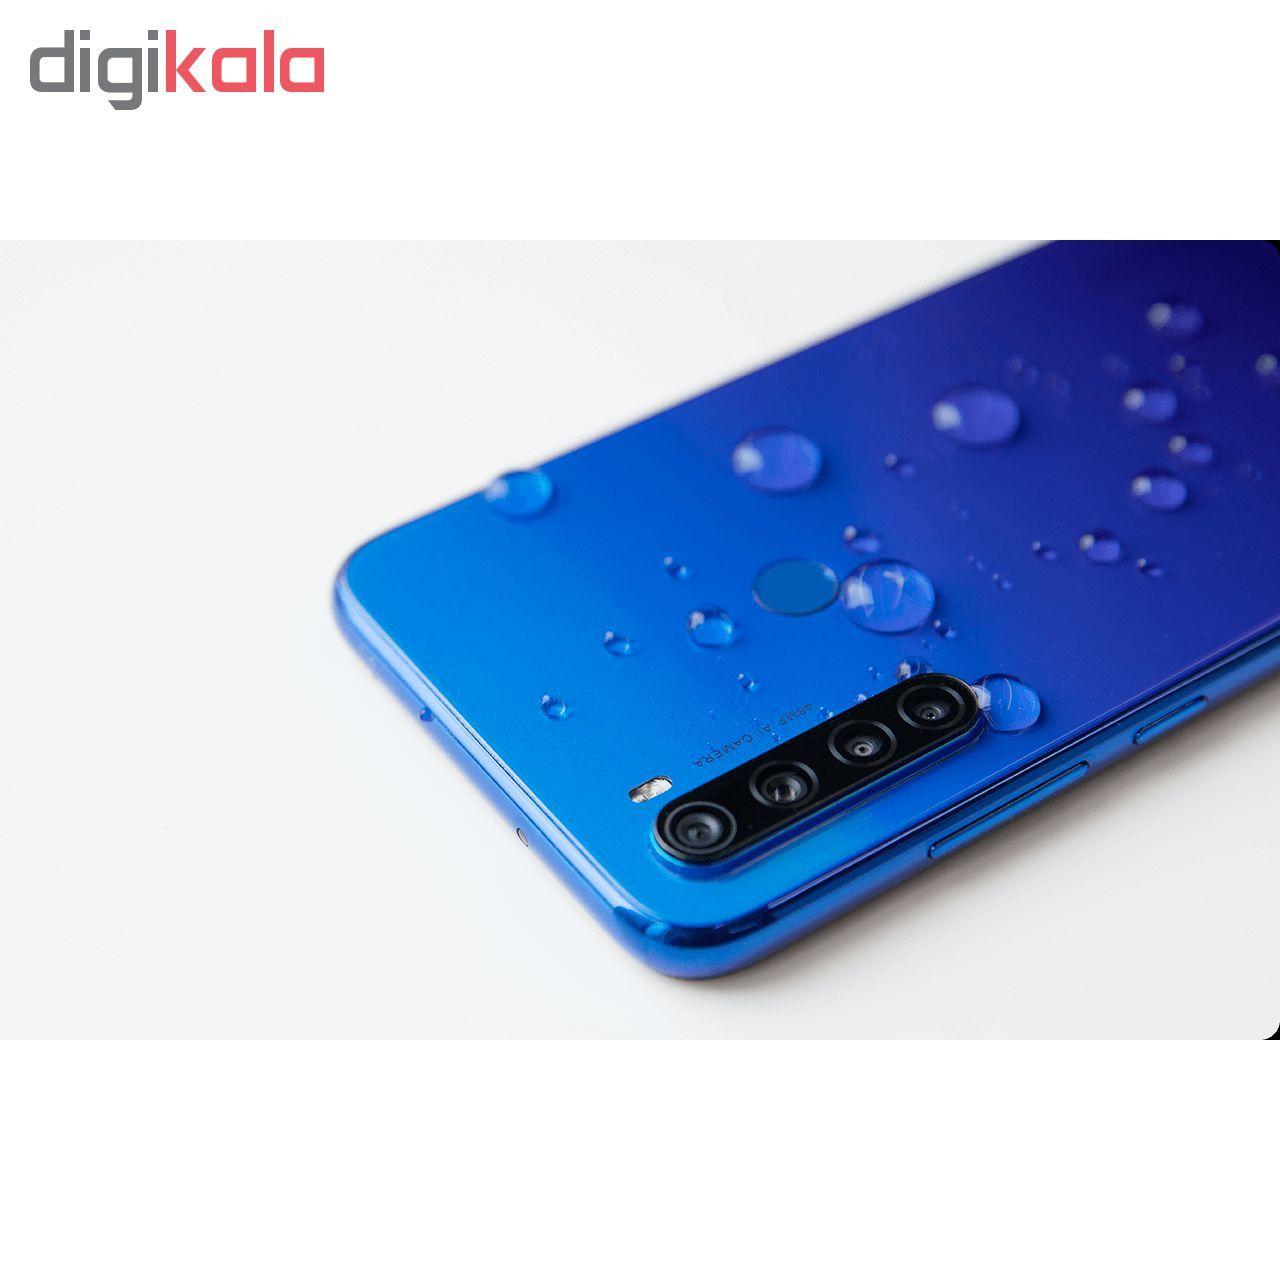 مشخصات قیمت و خرید گوشی موبایل شیائومی مدل Redmi Note 8t M1908c3xg دو سیم کارت ظرفیت 64 گیگابایت دیجی کالا